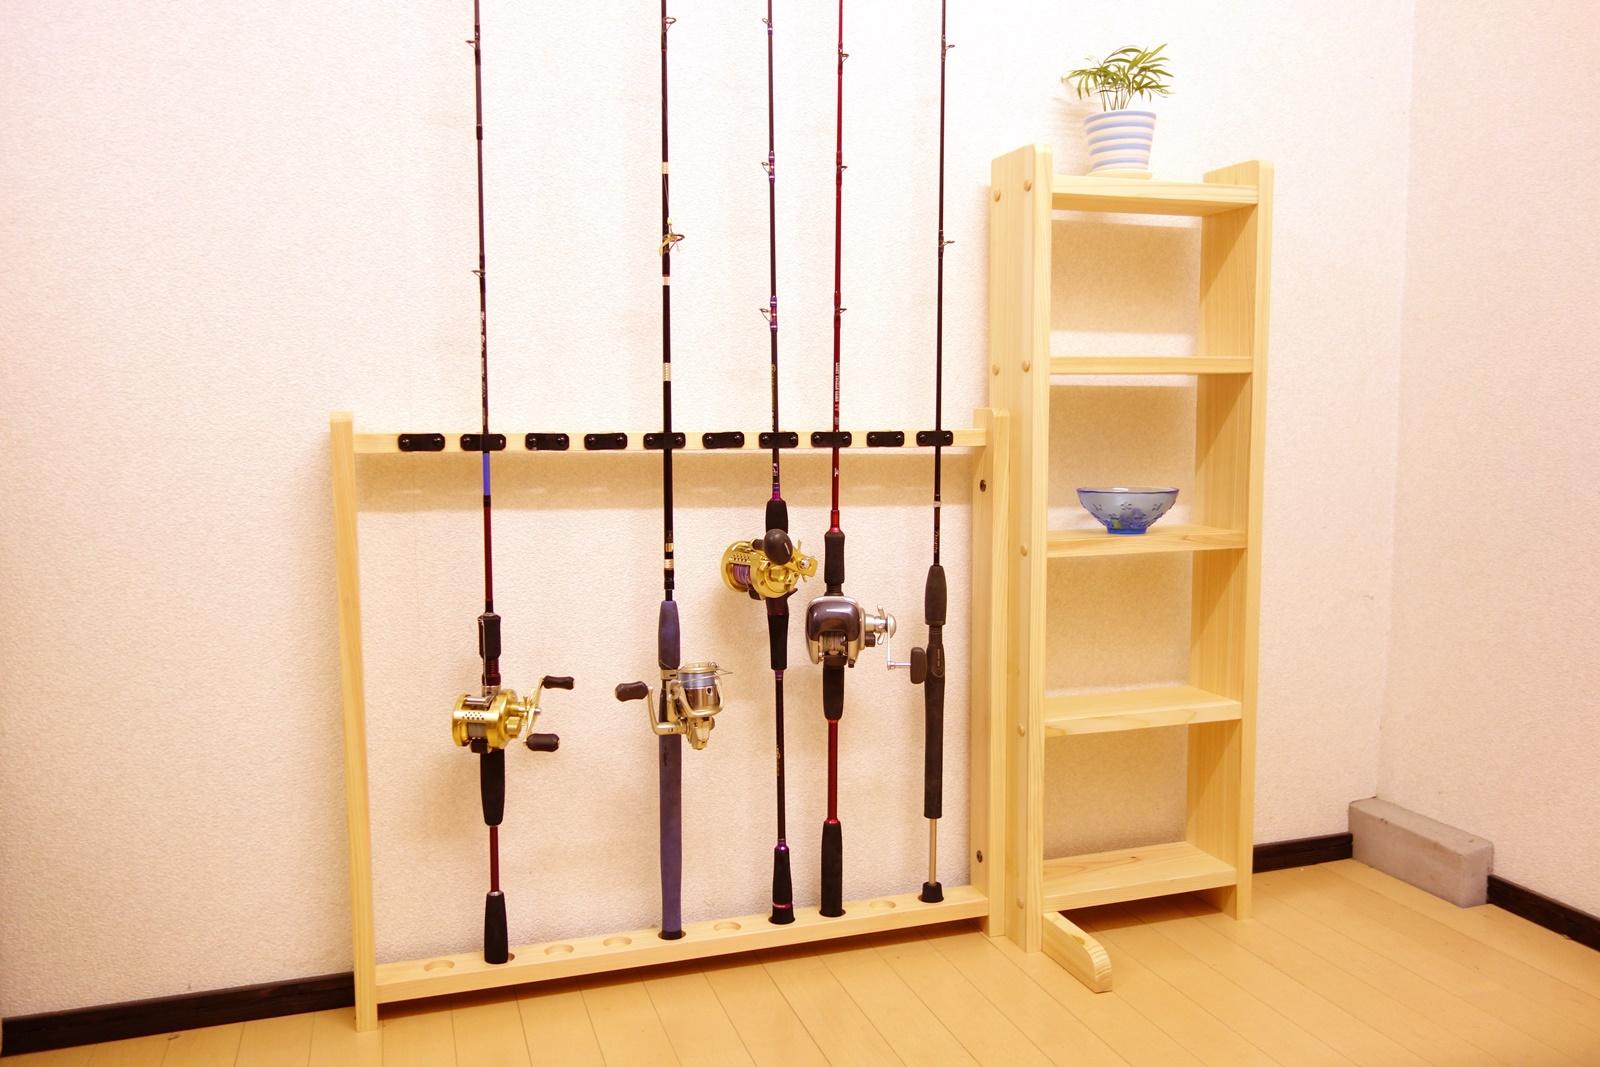 家具職人の作ったロッドスタンド RS-5 2ピース用 10本収納 ヒノキ無垢材使用 受注生産品